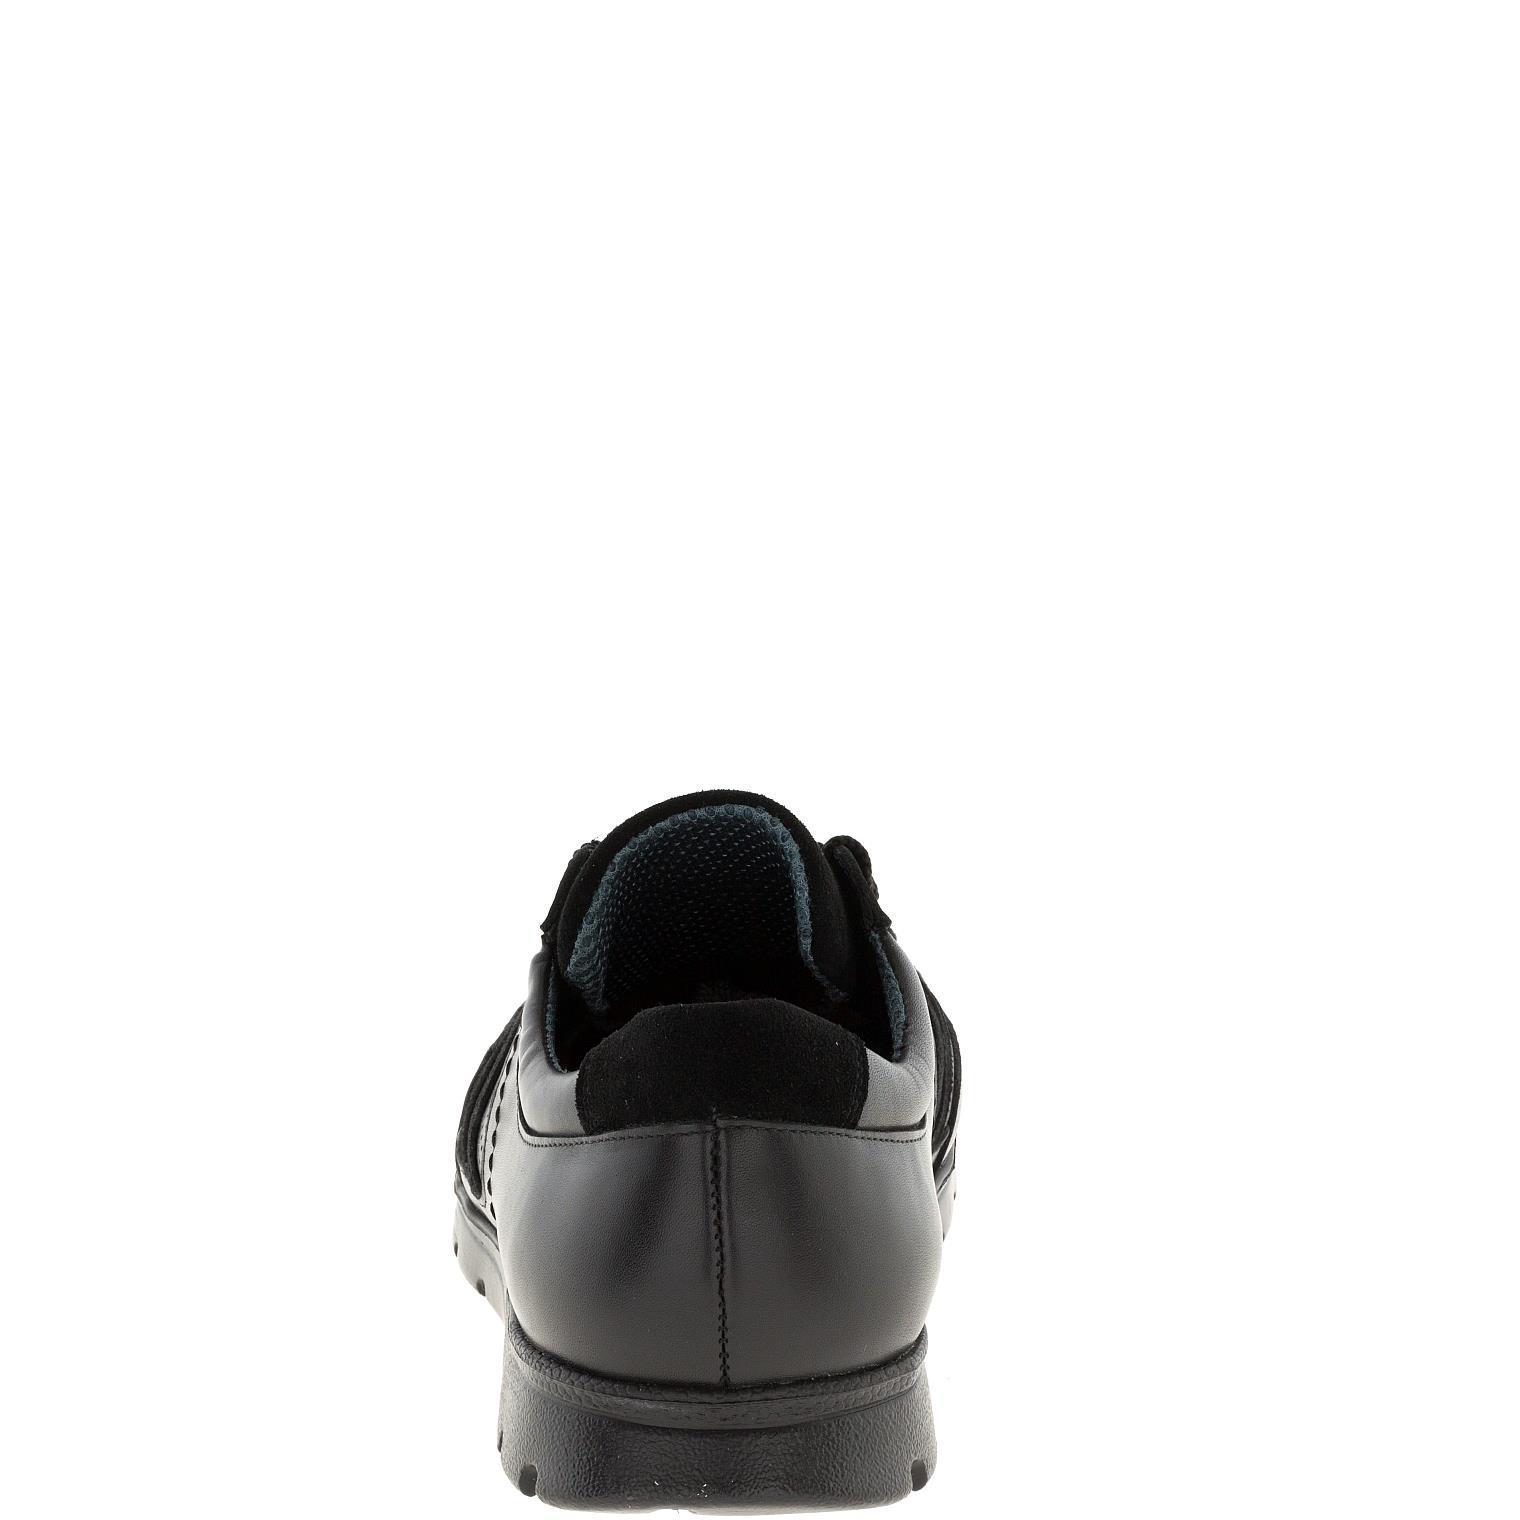 589385 полуботинки мужские черные кожа больших размеров марки Делфино